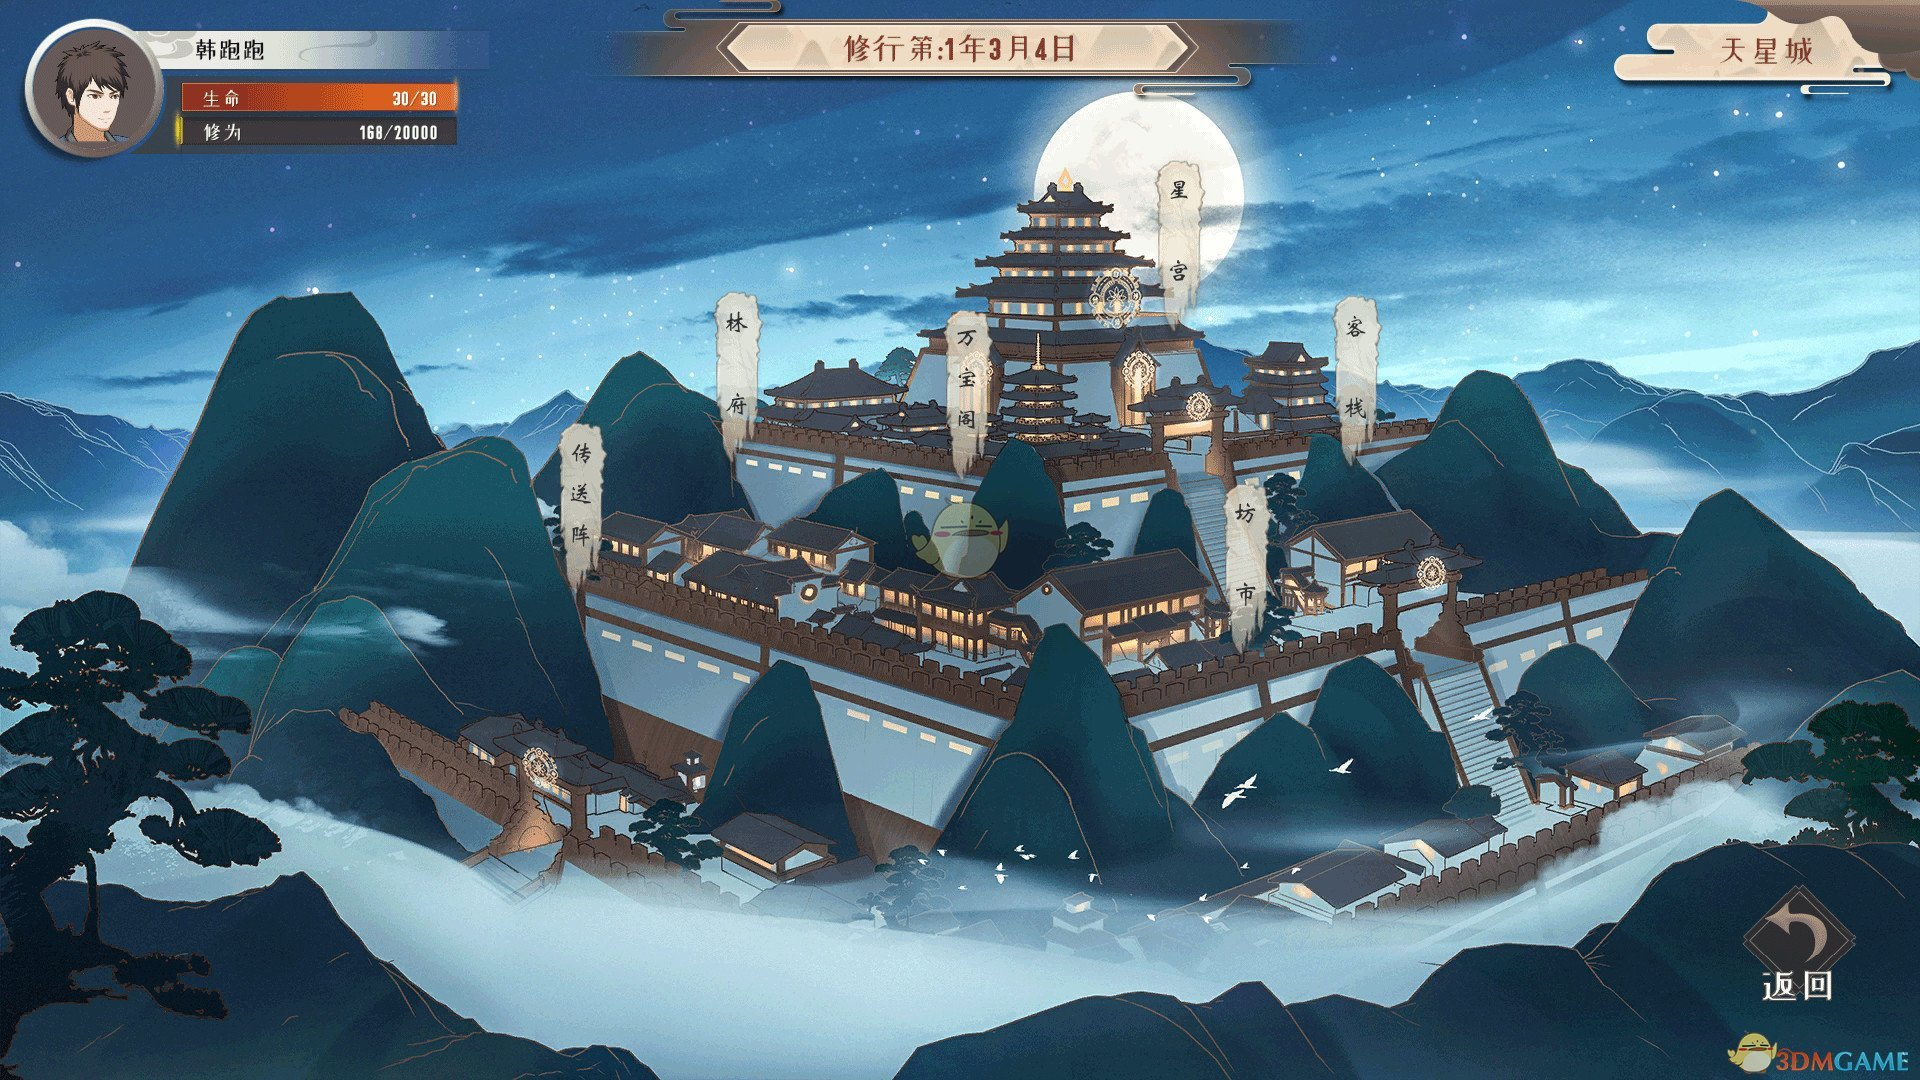 修仙等级划分 中国上古修仙等级划分